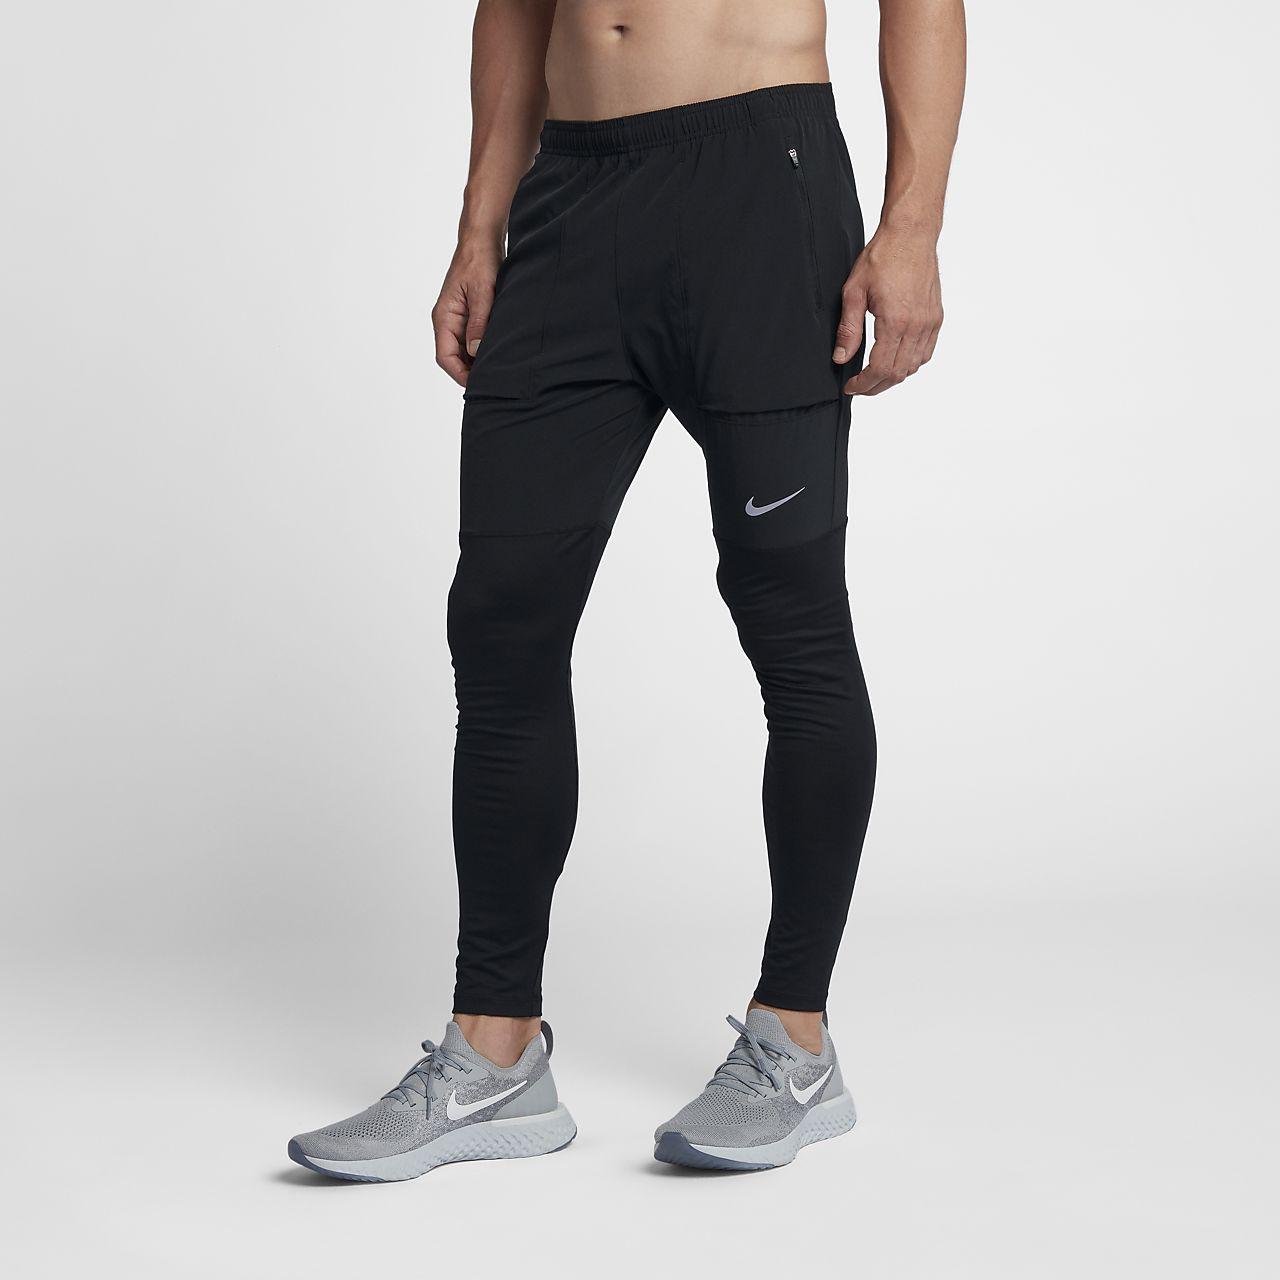 pantalon nike running dri fit Remise